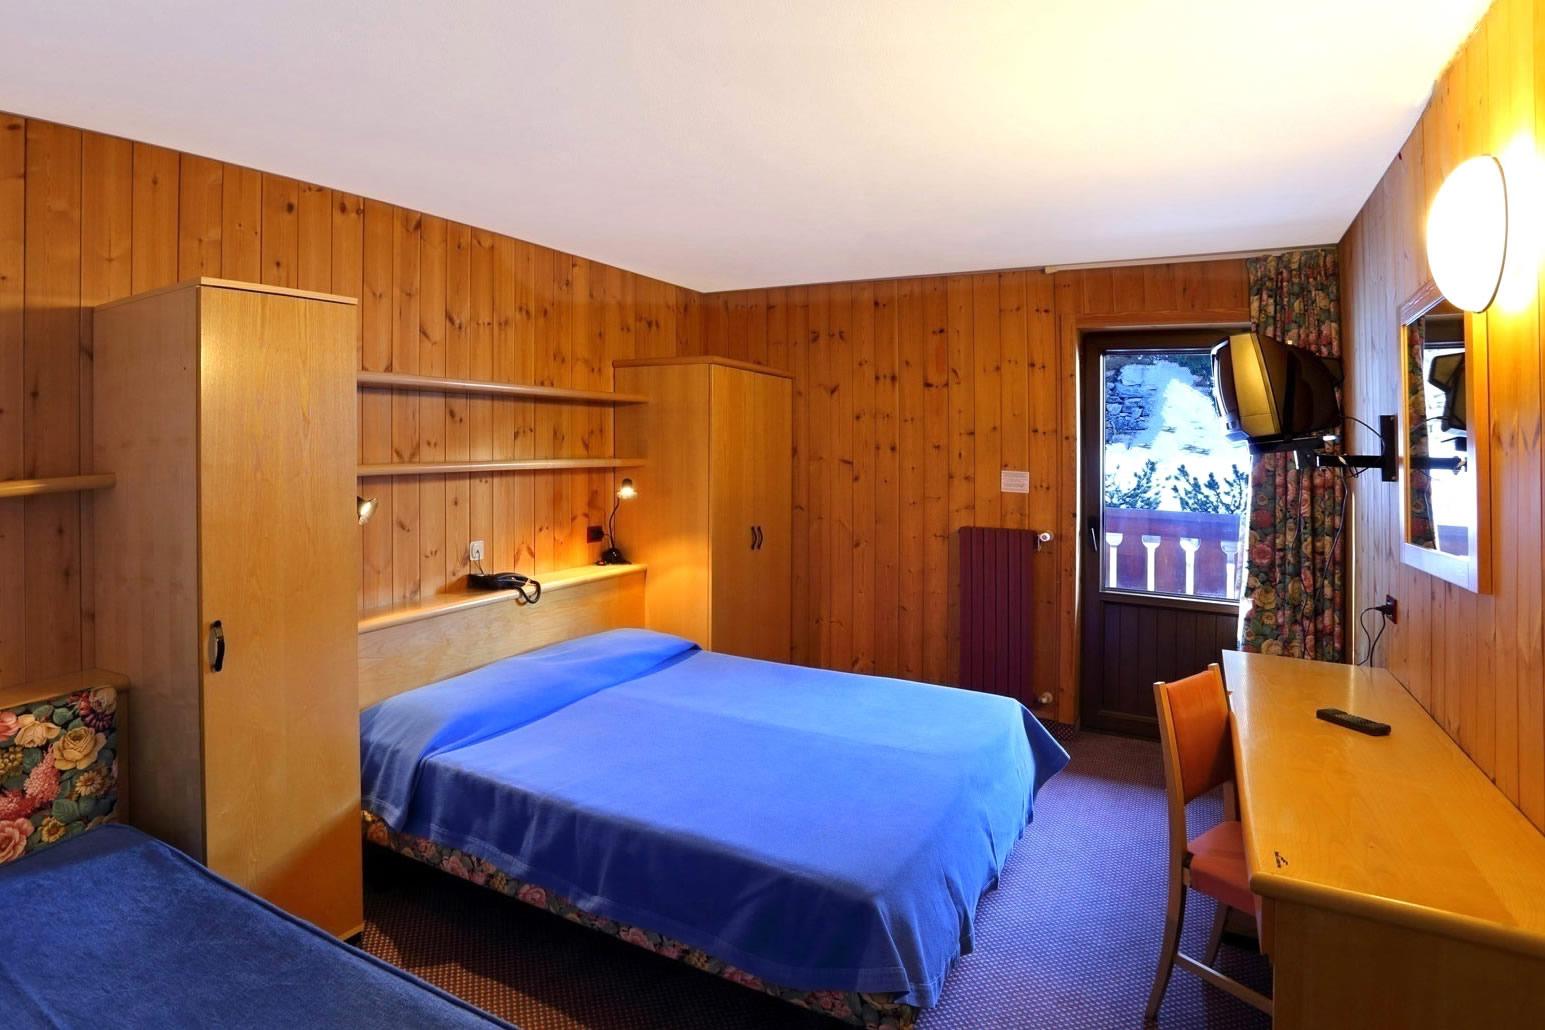 Hotel santa caterina hotel 3 stelle a santa caterina for Camere arredate